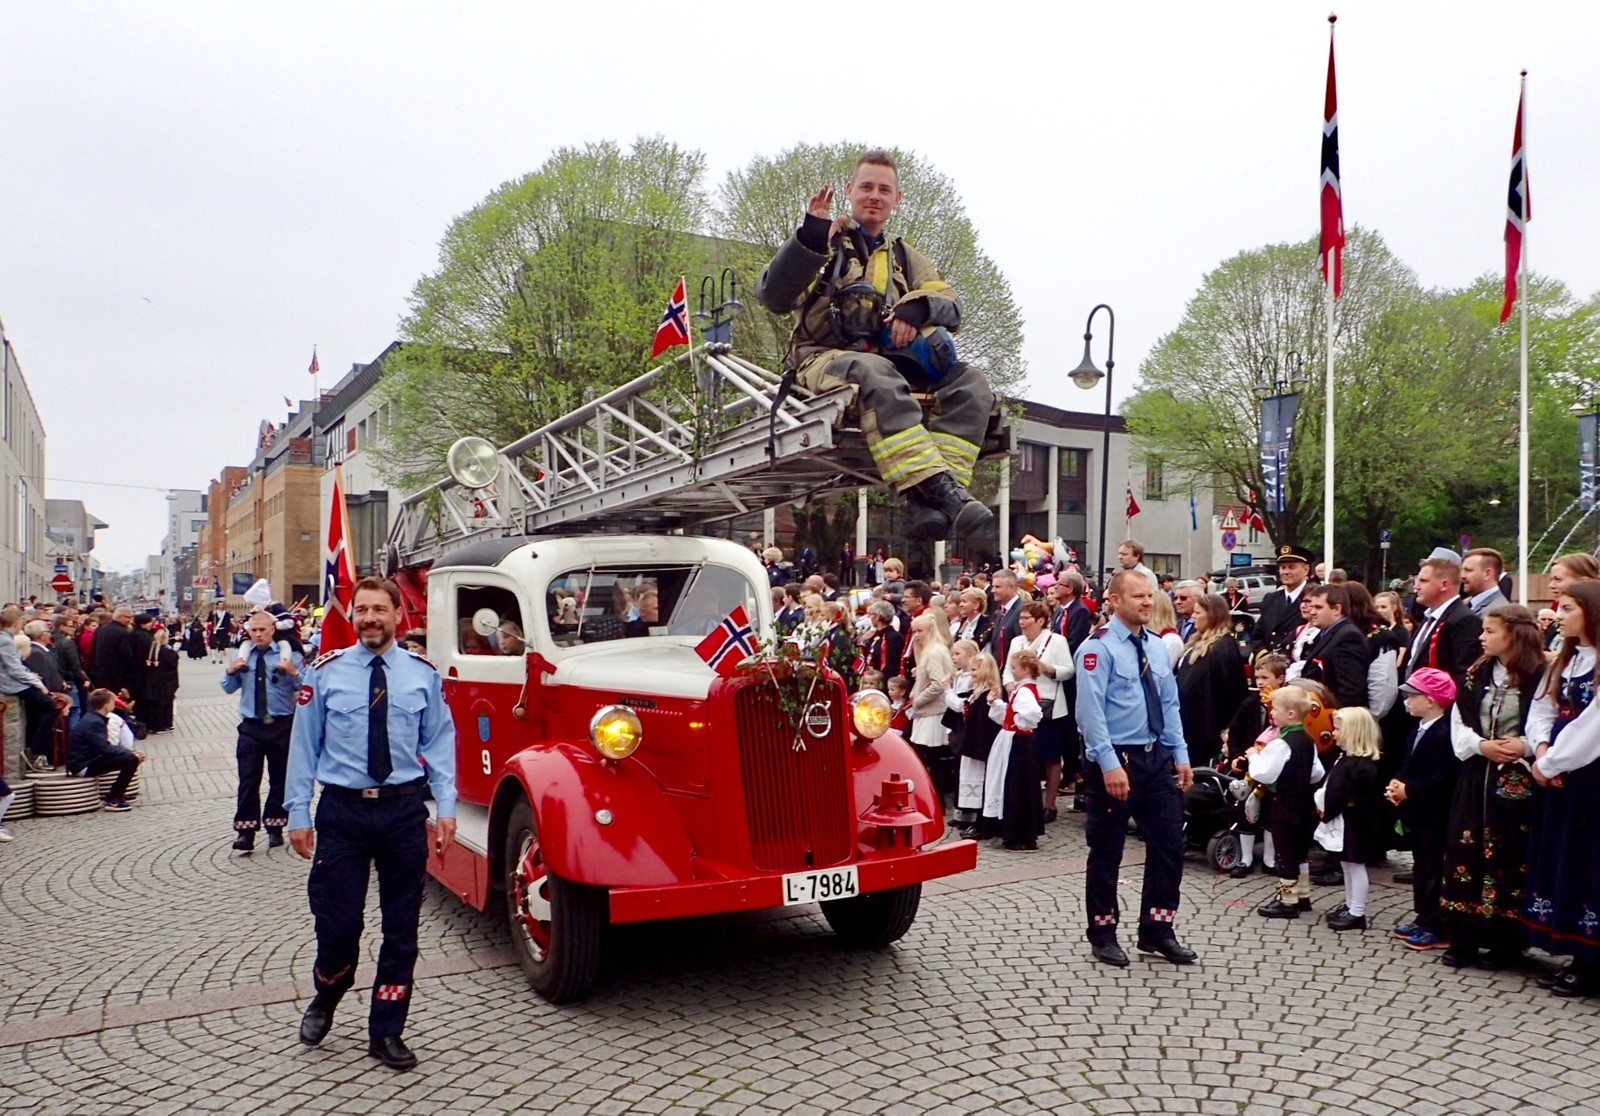 Brannvesenets veteranstigebil er et populært innslag i folketoget i Haugesund.